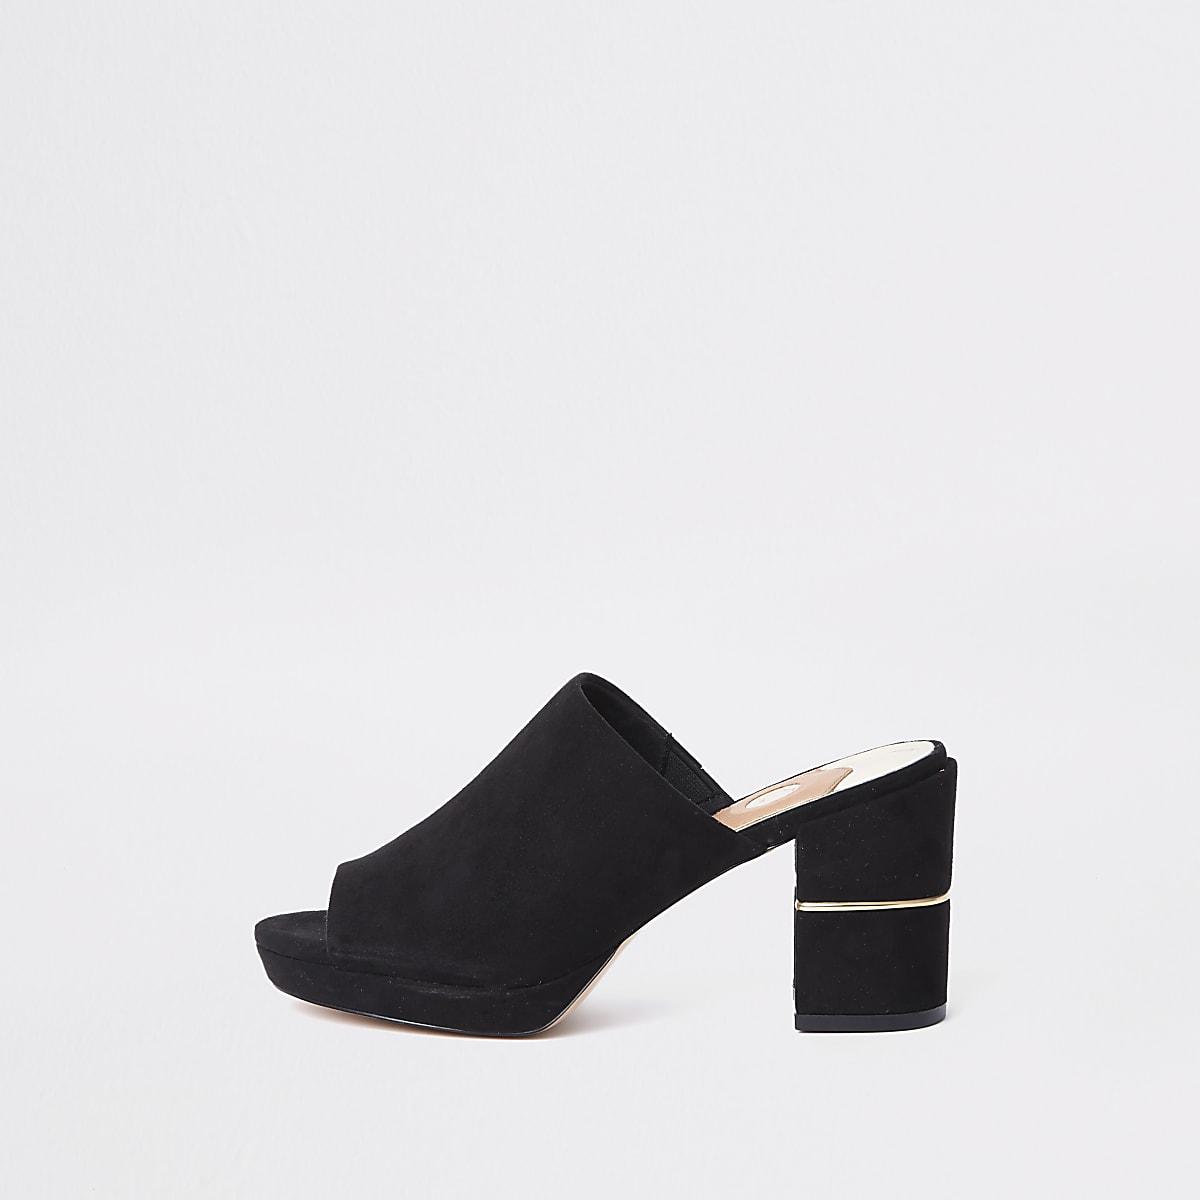 Black platform block heel mule